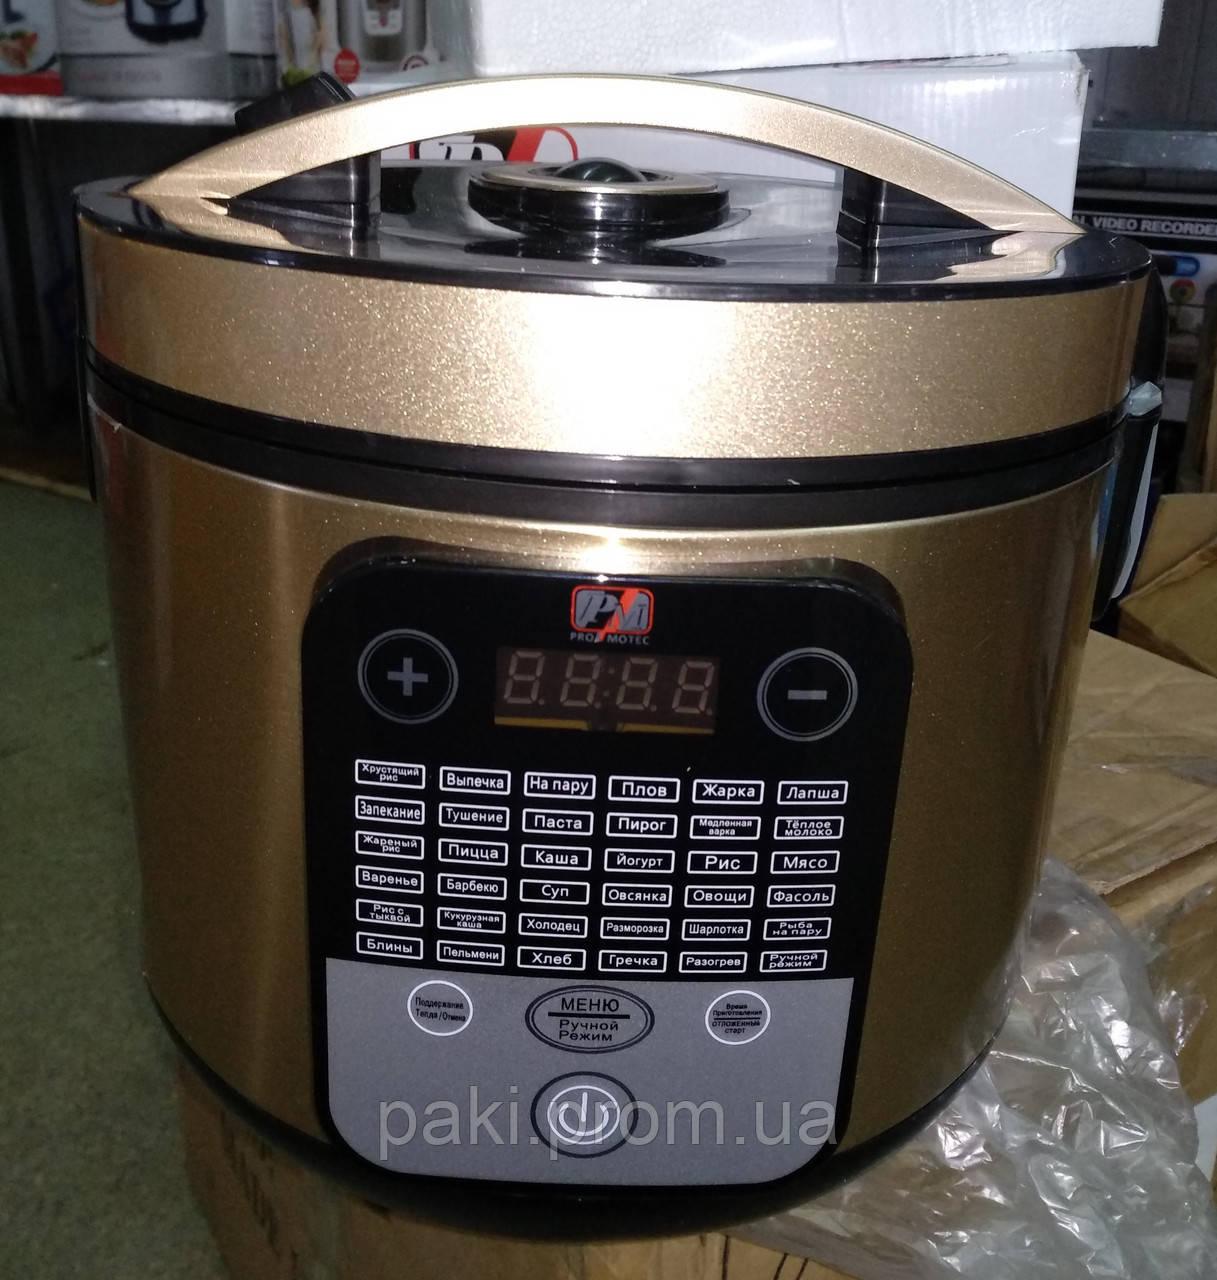 Мультиварка + фритюрниця Promotec PM522 (36 програм, 5 л) 900W